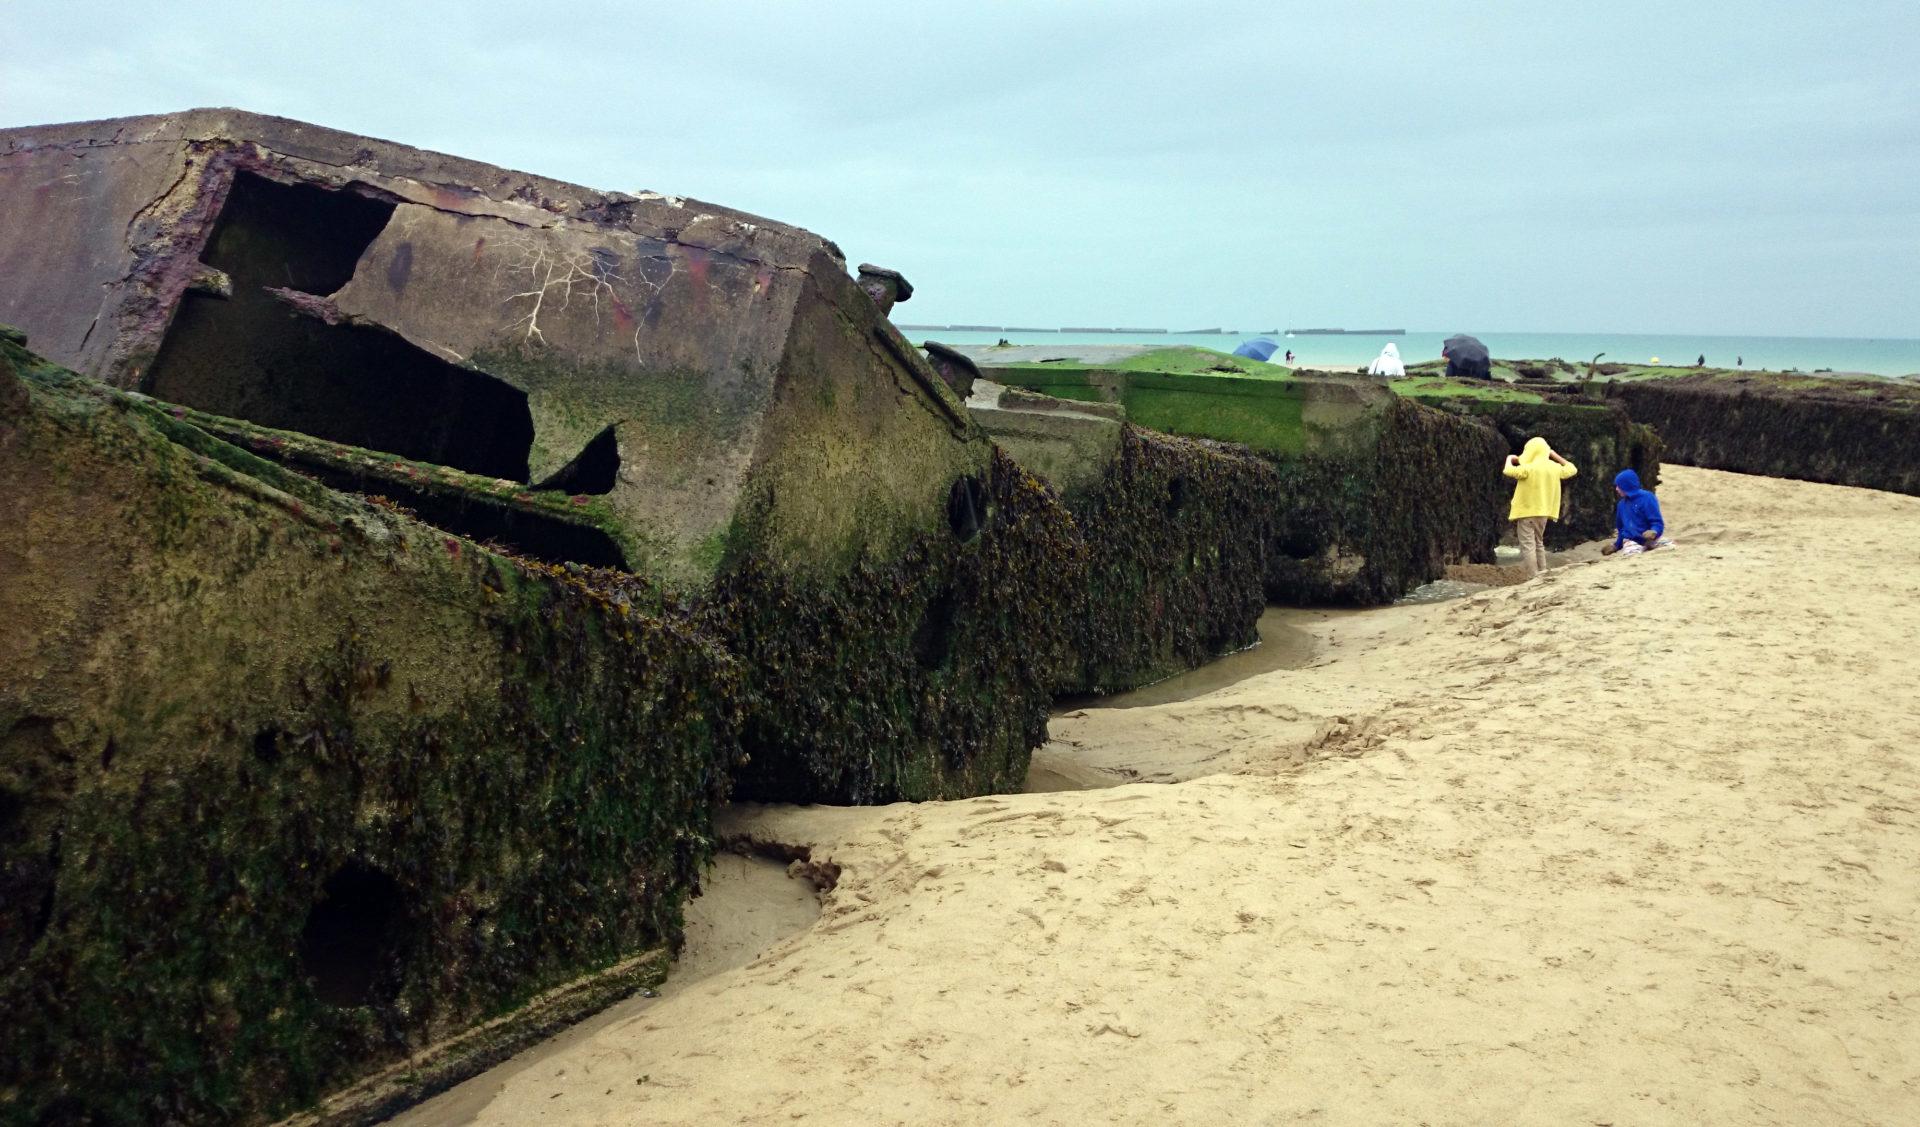 spiaggia sbarco normandia arromanches visitare